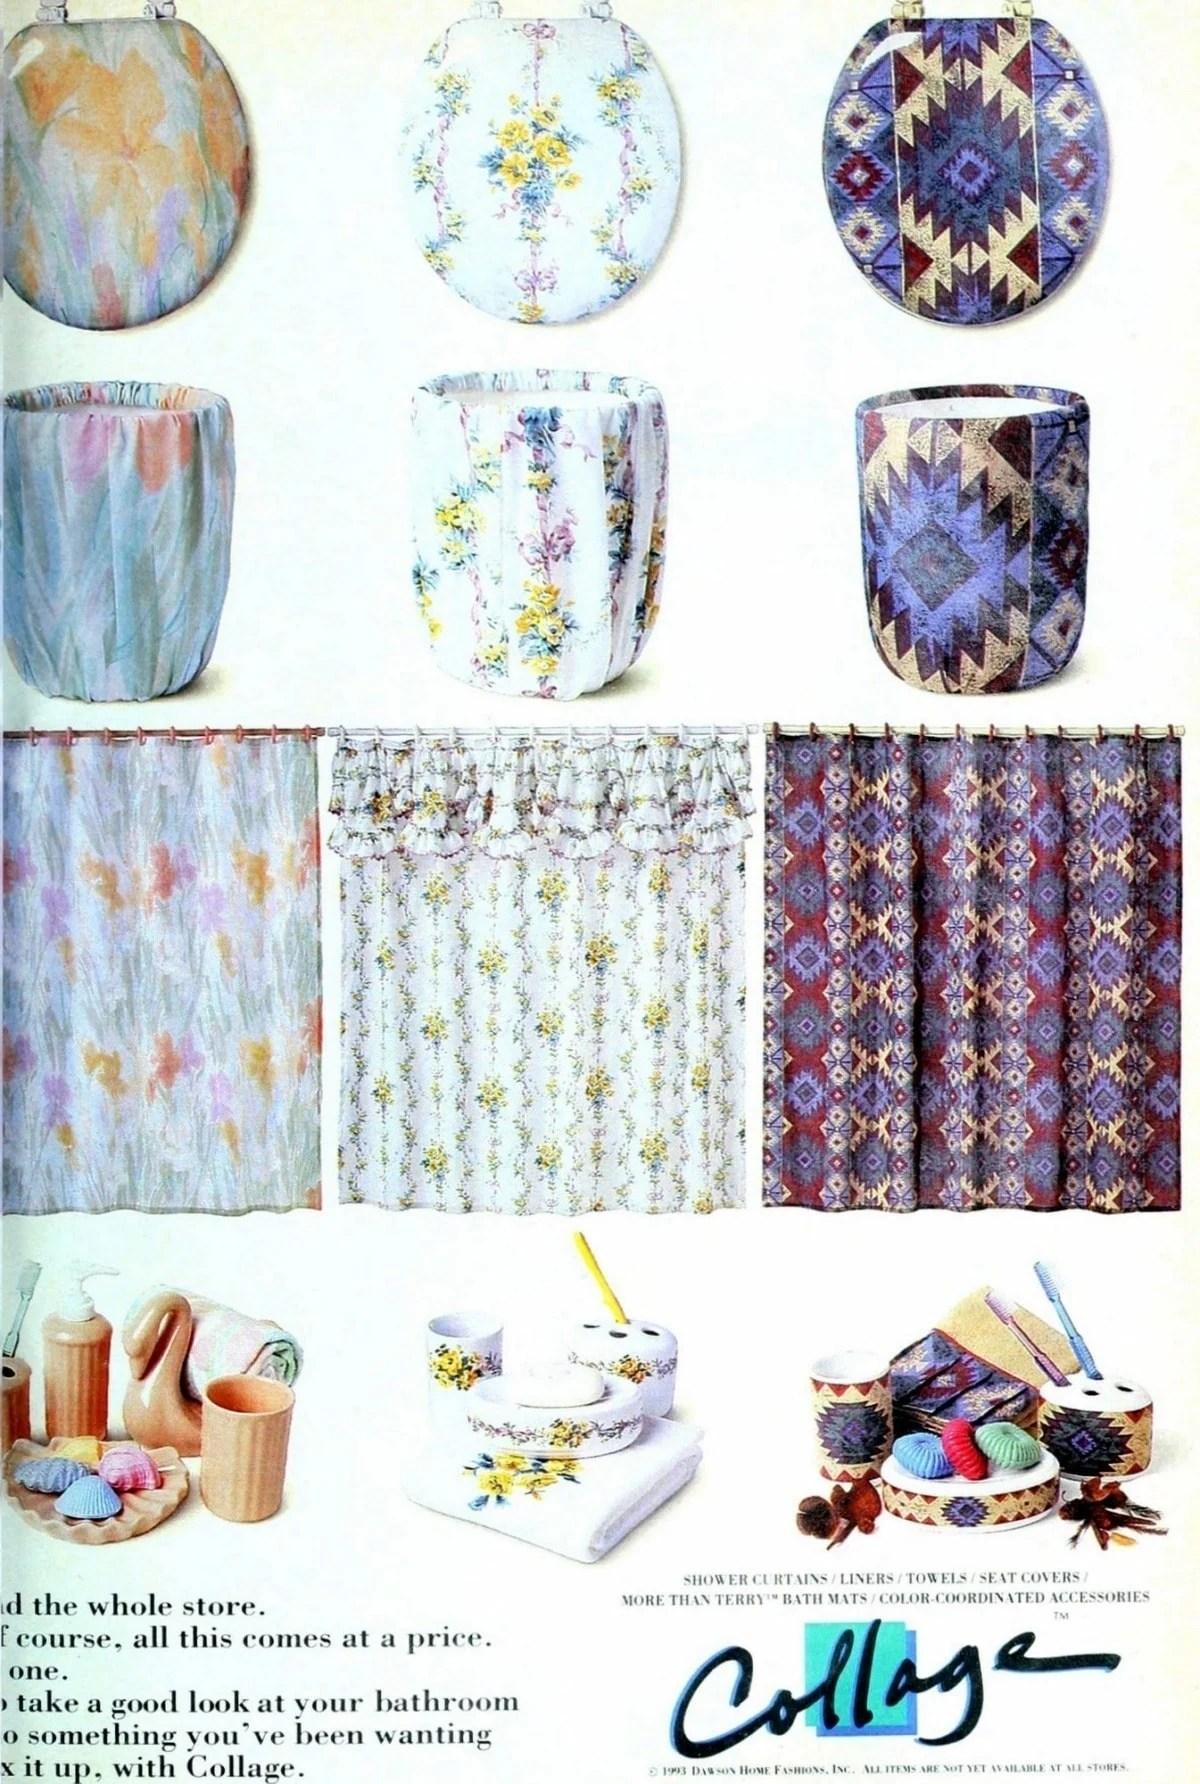 Cute, colorful bathroom decor & accessories (1993) - Click Americana